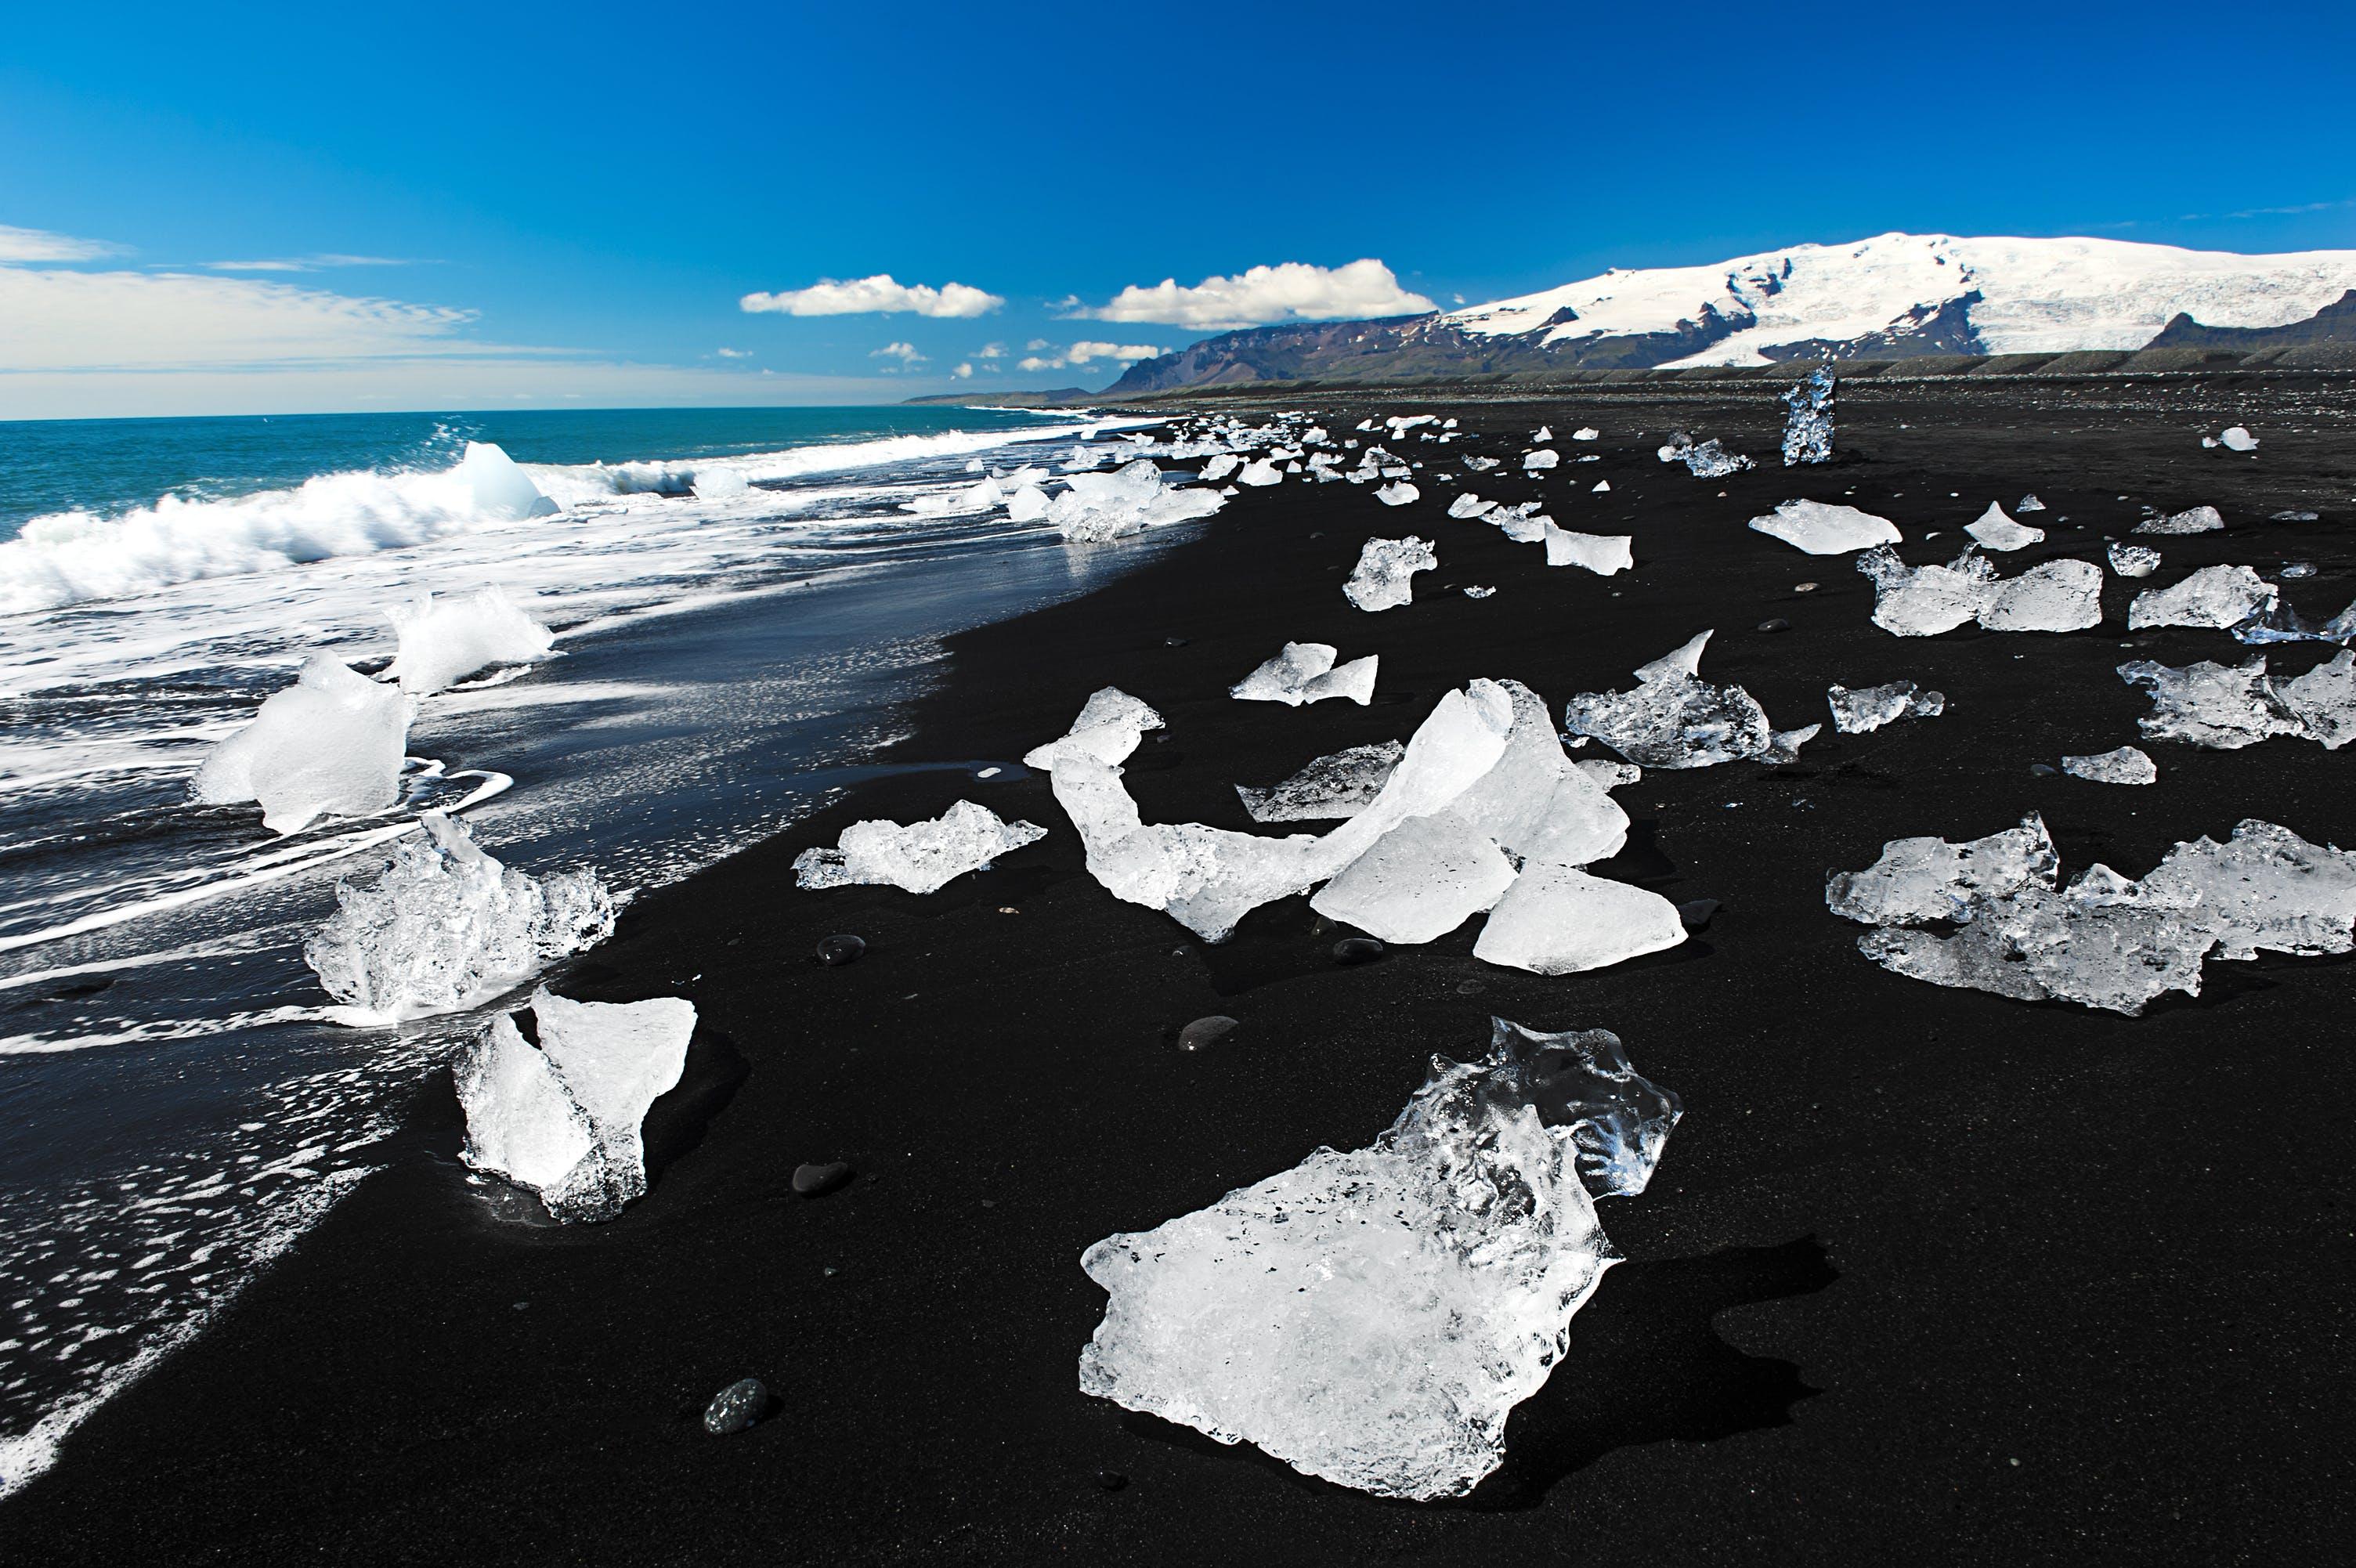 南海岸2日間 氷河湖ボートツアー、氷河ハイキング付き(ホステル泊)